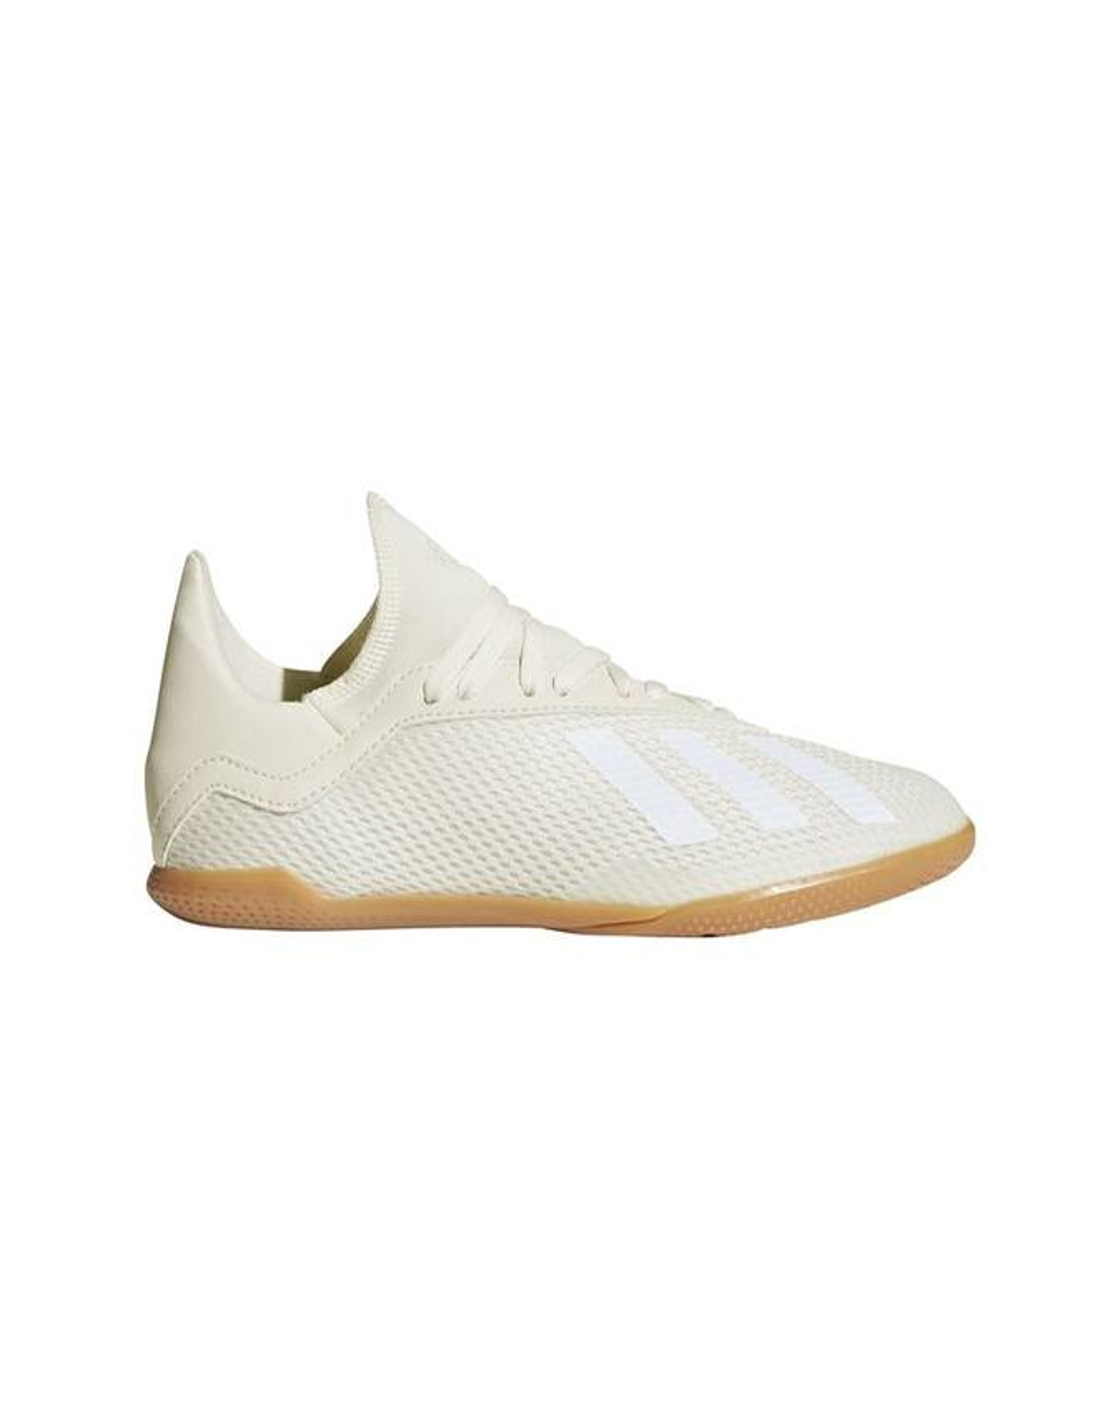 Zapatillas de Fútbol adidas Sala X Tango 18.3